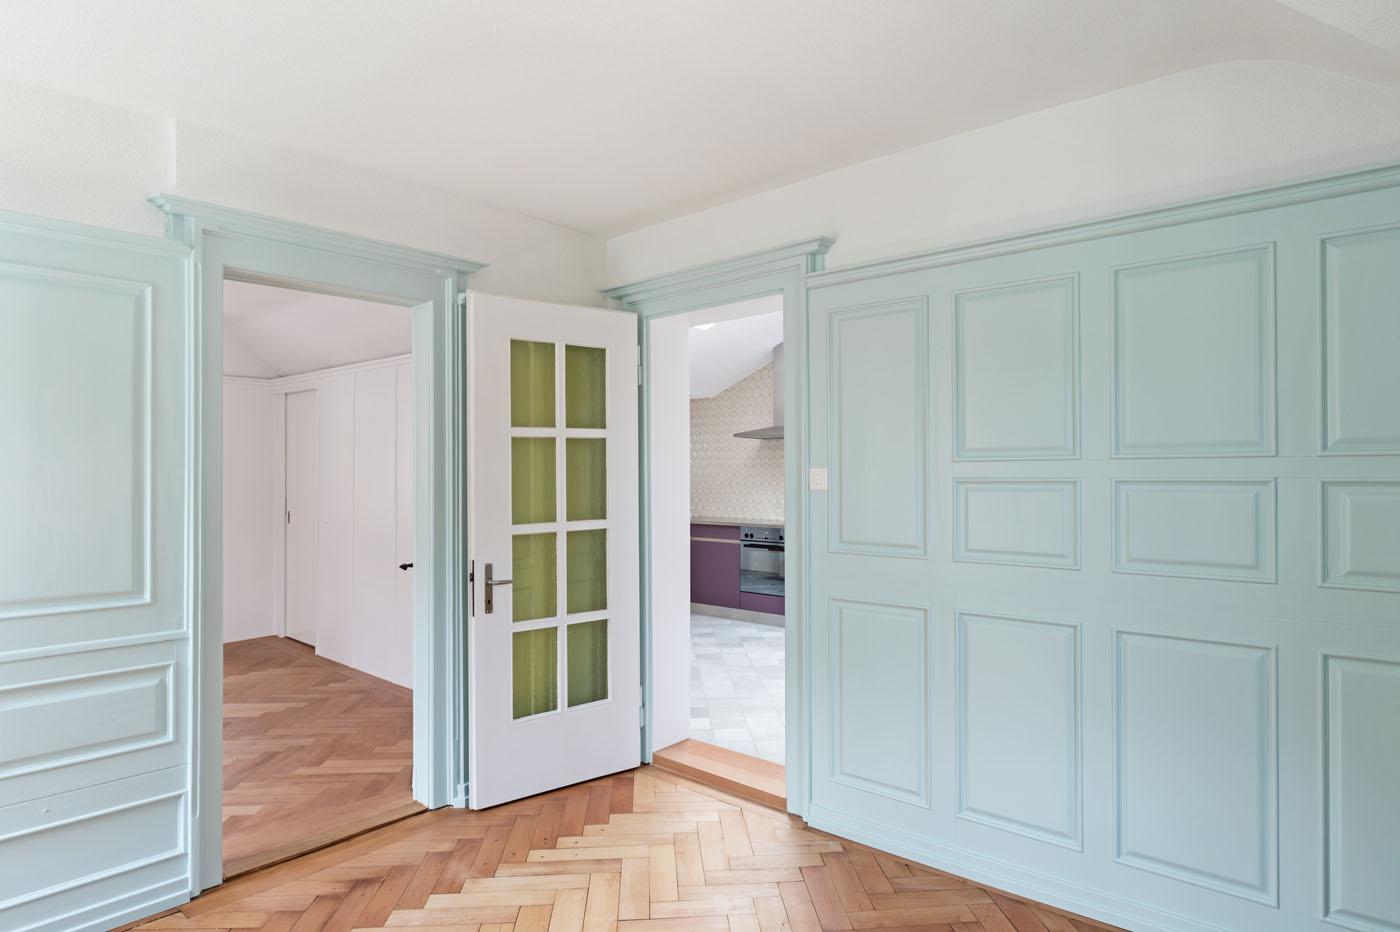 buan architekten – Umbau Bernstrasse Luzern – Innenansicht Wohnen